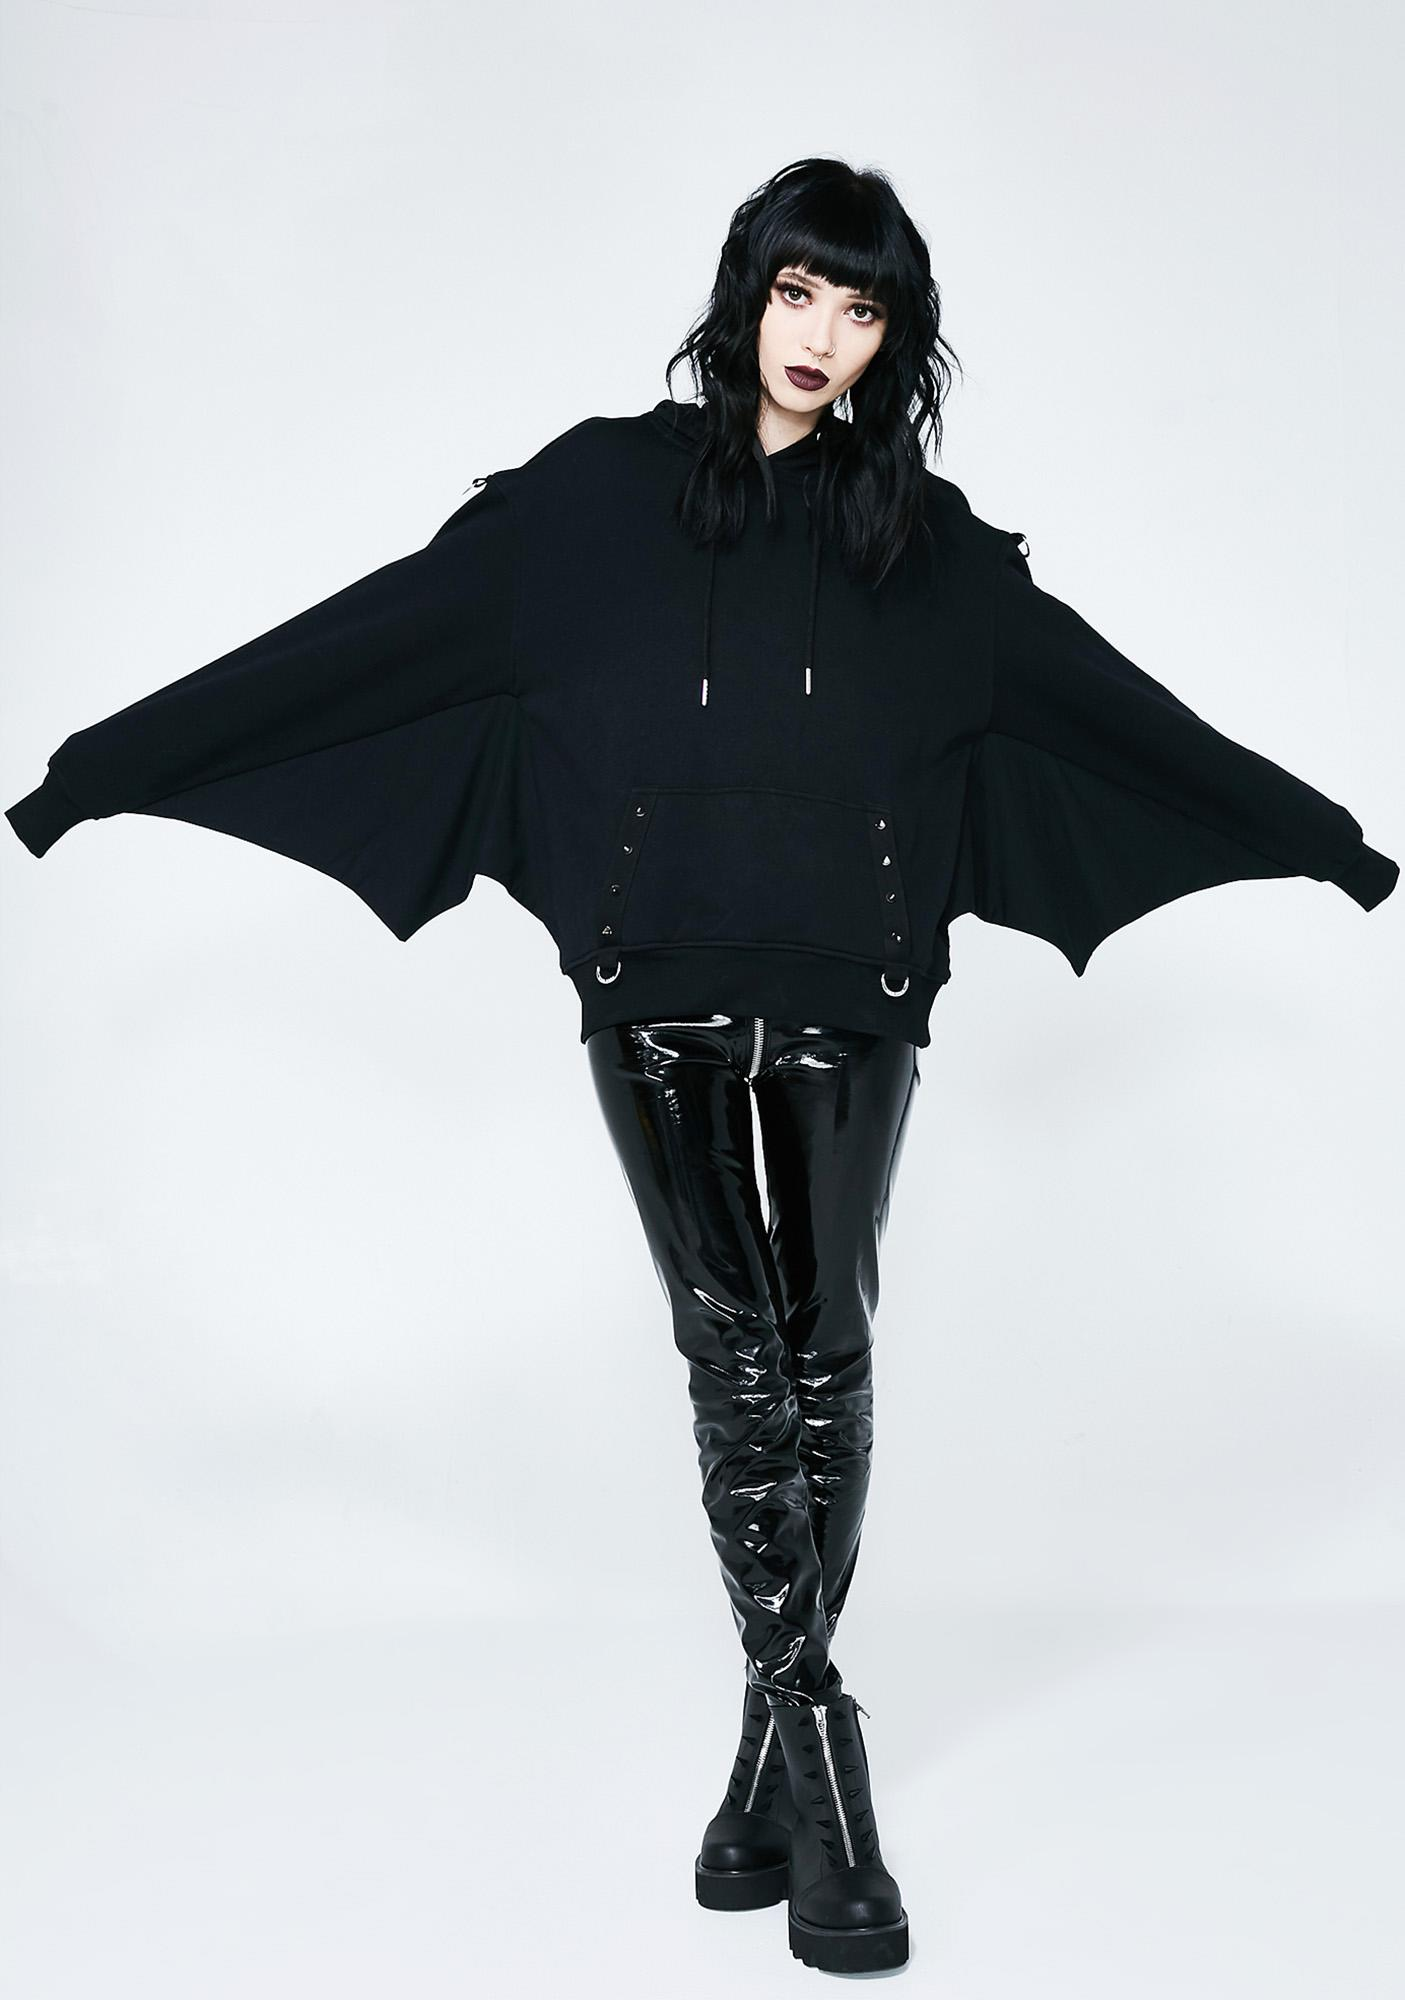 Bat hoodie